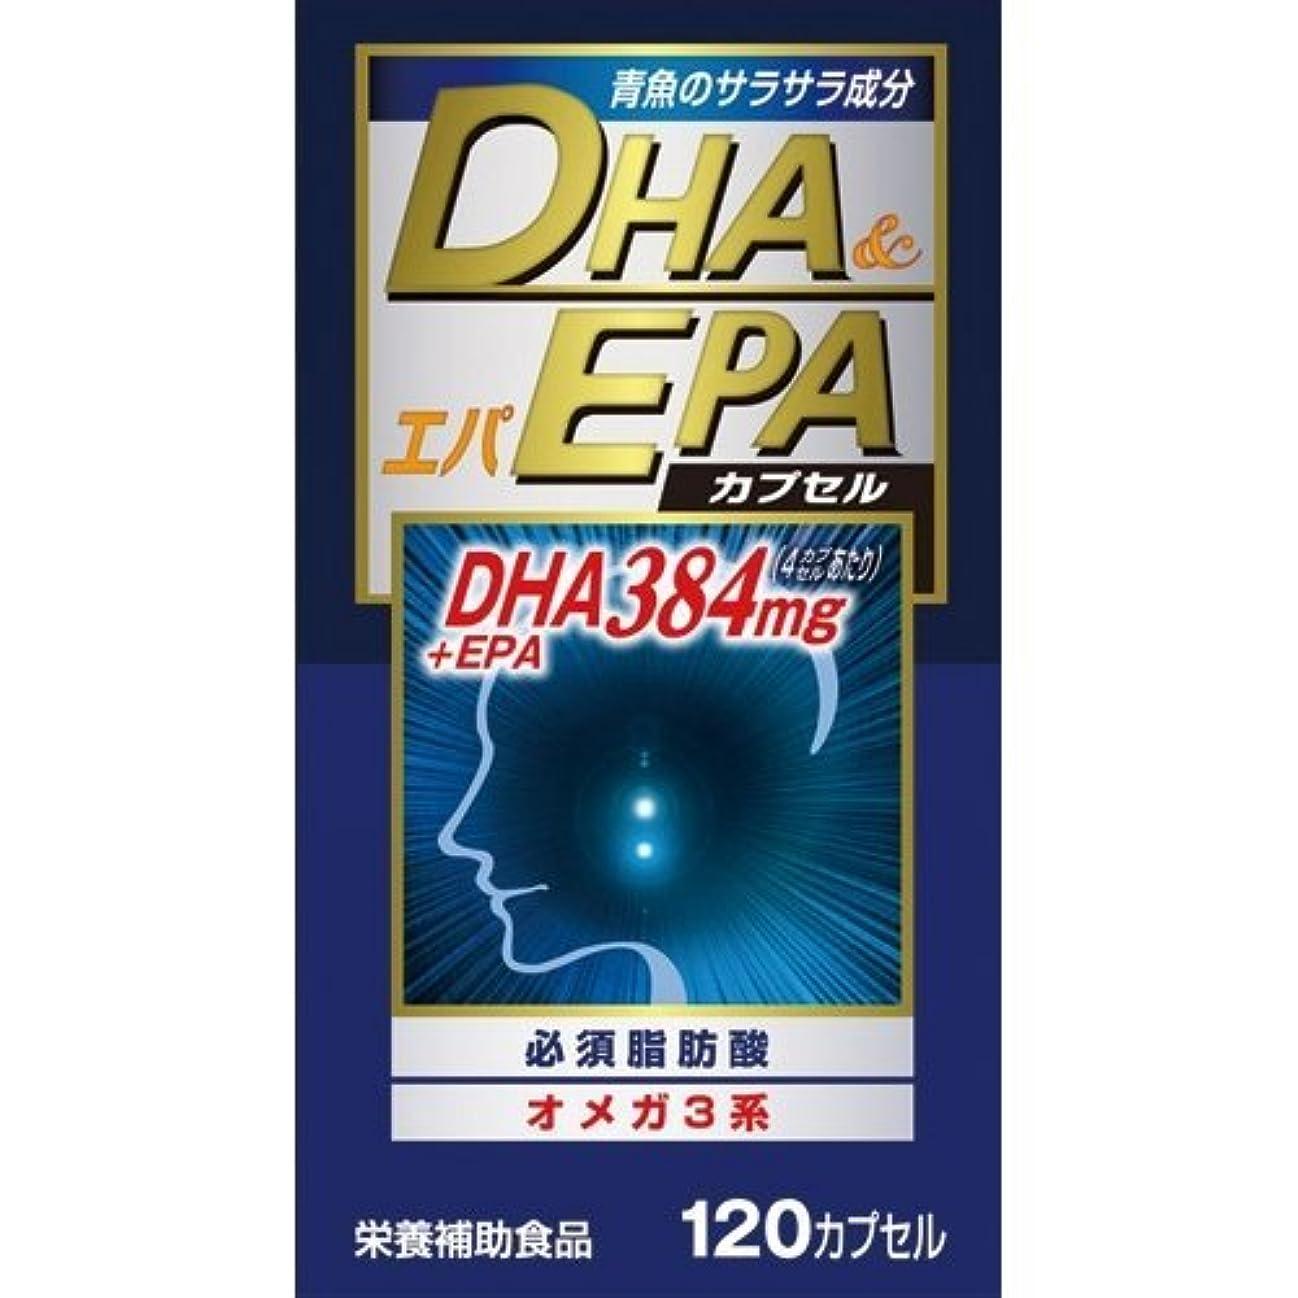 悔い改める究極のしょっぱい【ウエルネスジャパン】DHAエパ 120カプセル ×10個セット